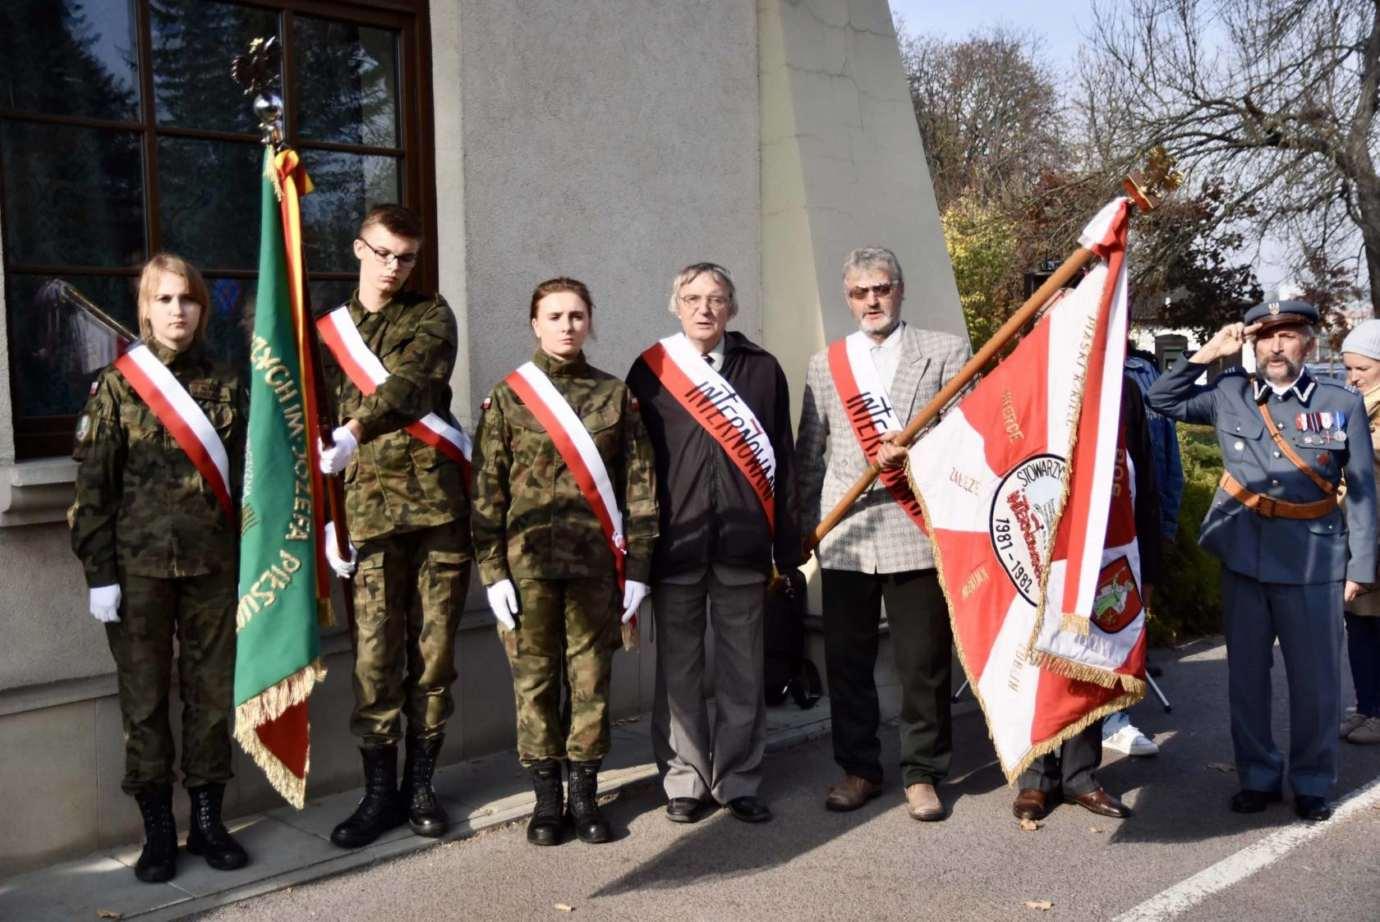 dsc 9471 Zamość: Obchody Narodowego Święta Węgier [ZDJĘCIA, FILM]